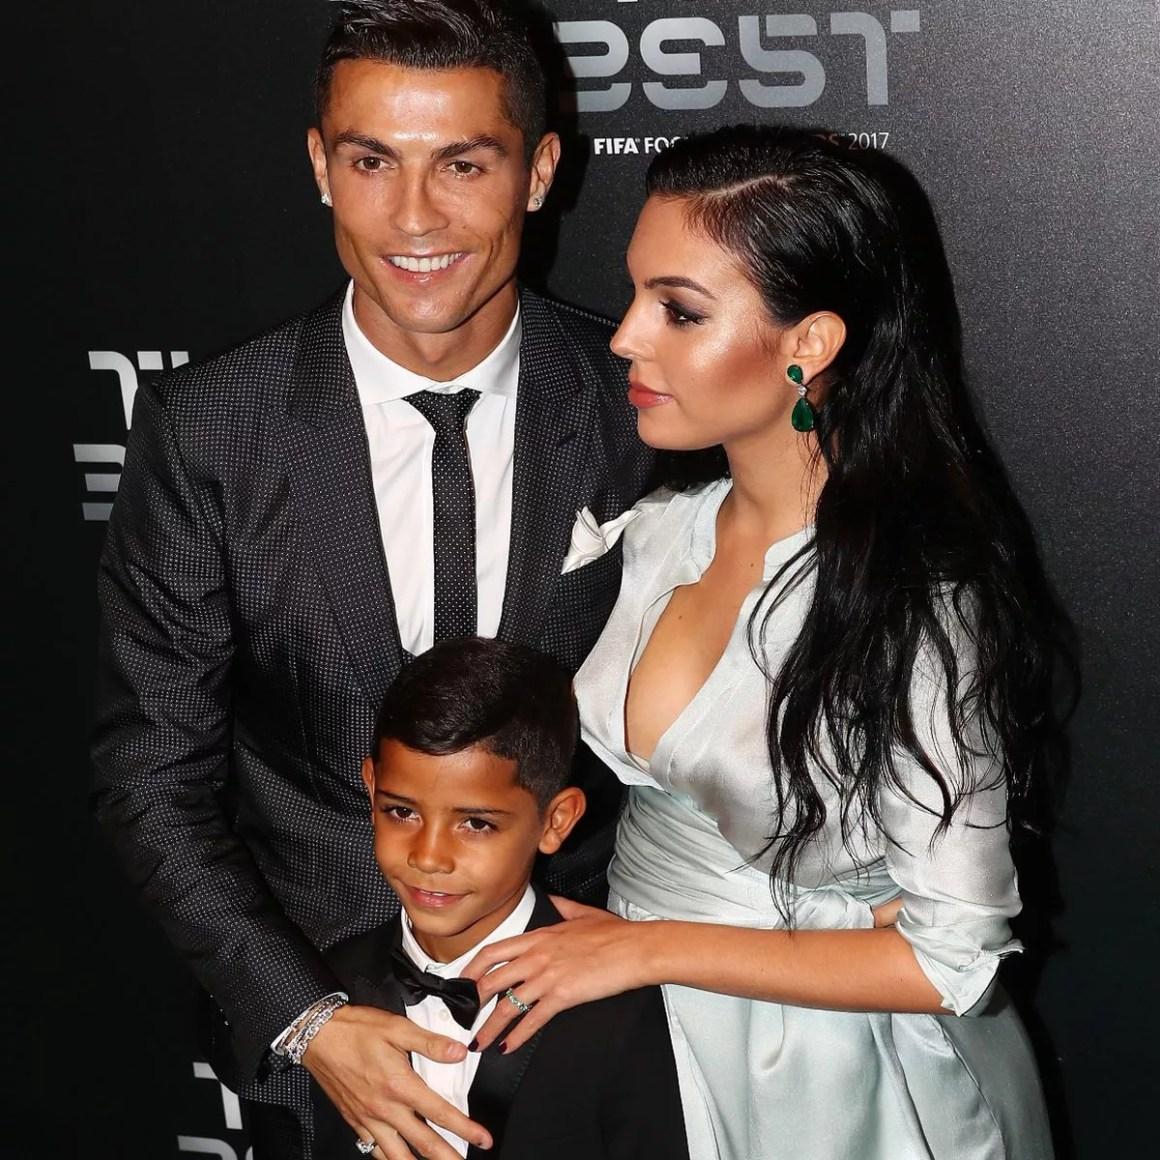 Cristiano Ronaldo and Georgina Rodriguez reveal name of fourth ...